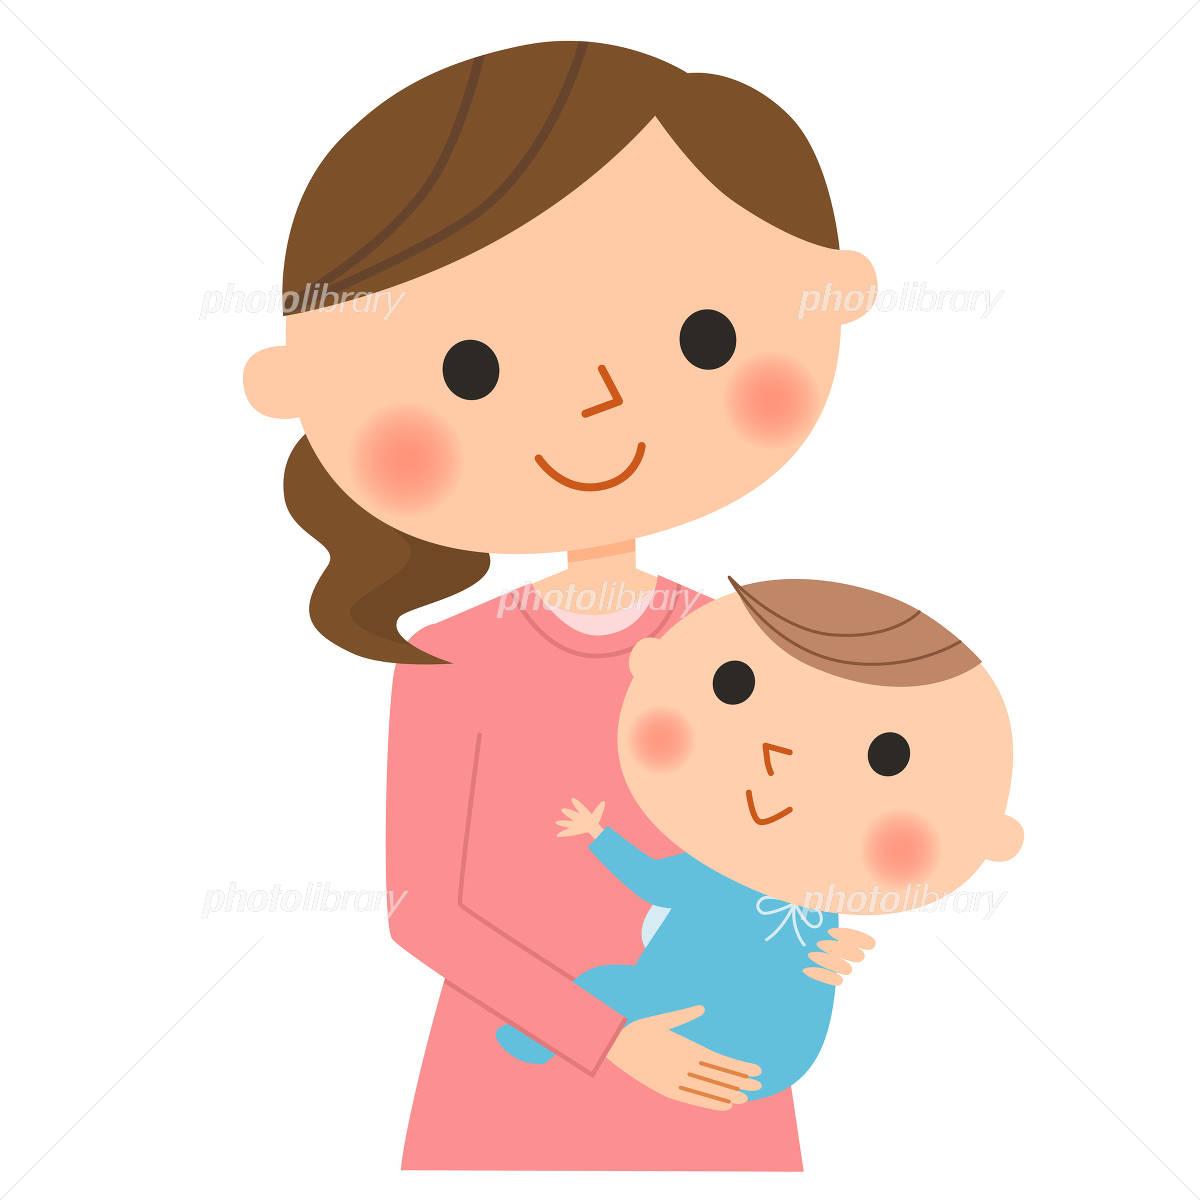 ママと赤ちゃん イラスト素材 2955932 フォトライブラリー